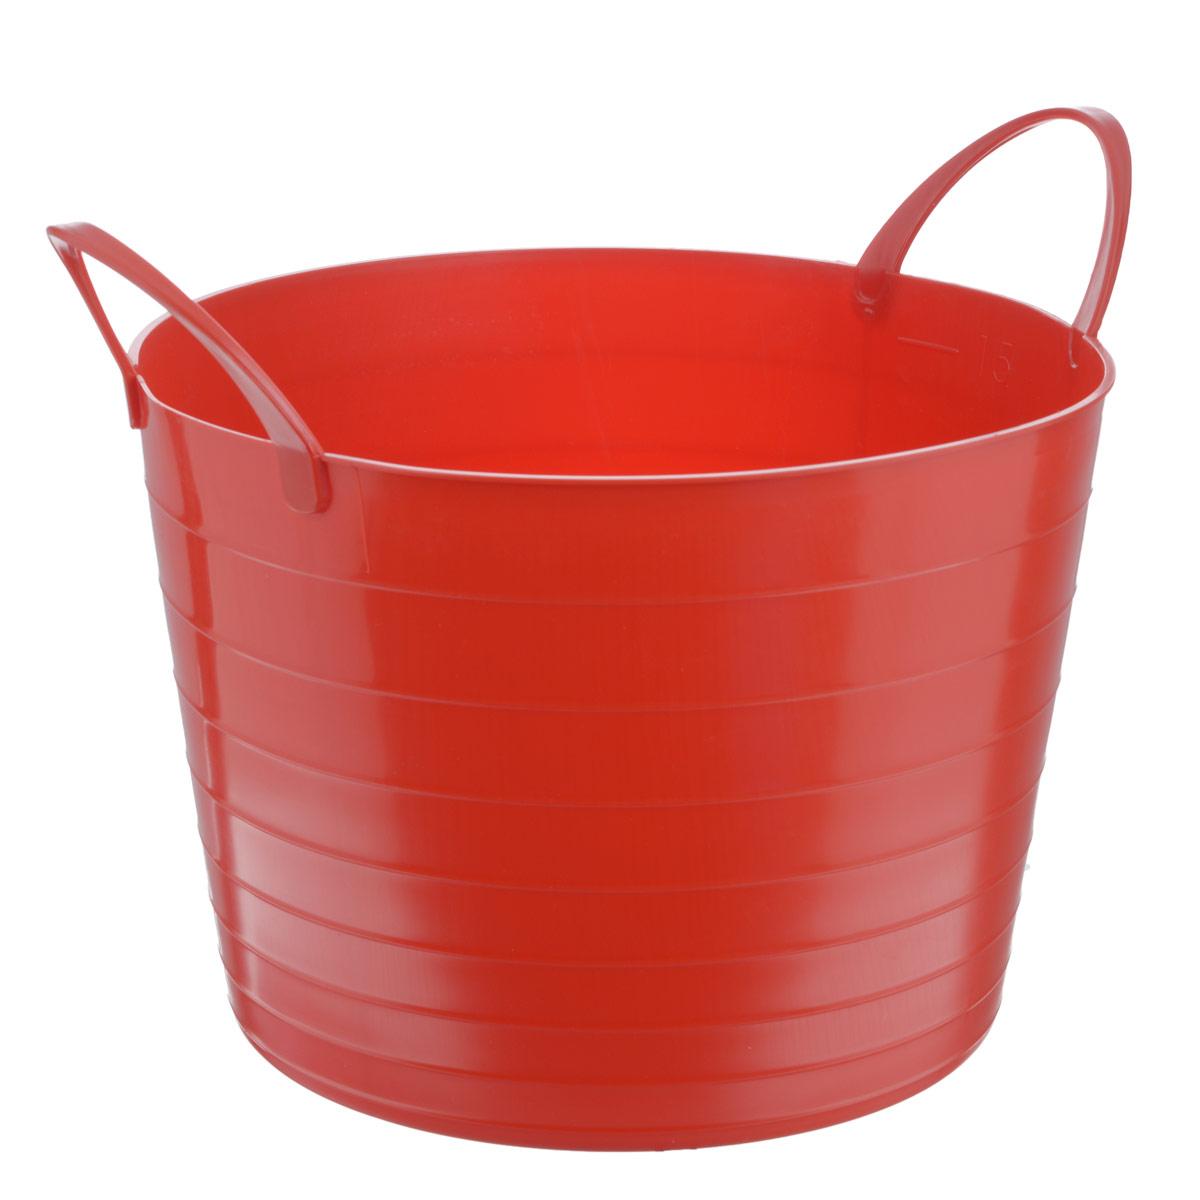 Корзина мягкая Idea, цвет: красный, 17 лTD 0033Мягкая корзина Idea изготовлена из гибкого полиэтилена и оснащена двумя удобными ручками. Внутренняя поверхность имеет отметки литража. Такой корзинке можно найти множество применений в быту: для строительства, для сбора фруктов, овощей и грибов, для хранения бытовых предметов и многого другого. Такая корзина пригодится в любом хозяйстве.Размер (без учета ручек): 33,5 х 33,5 х 24 см.